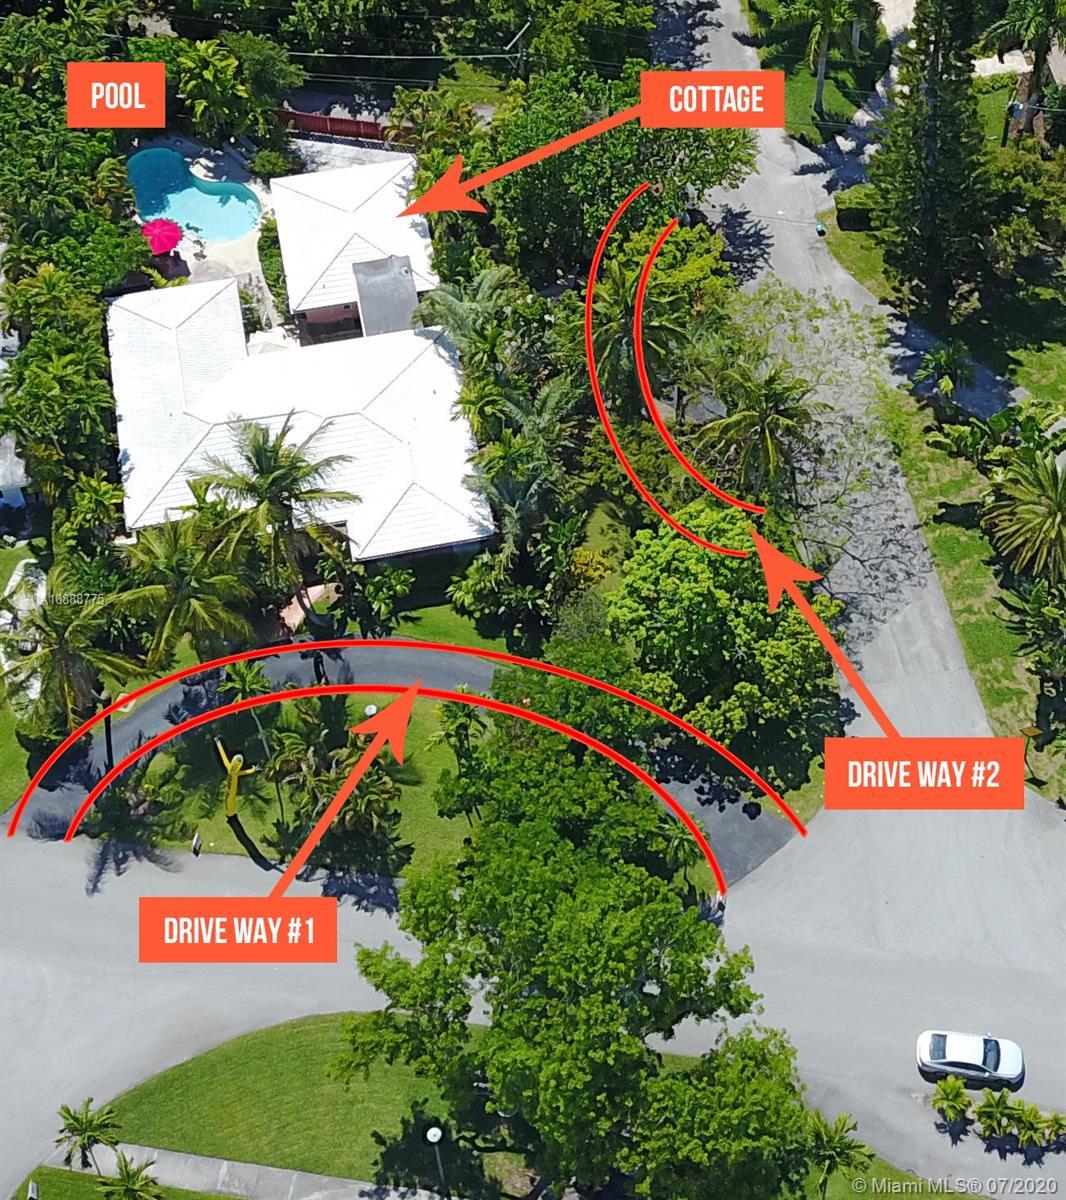 Miami Shores - 10190 NE 12th Ave, Miami Shores, FL 33138